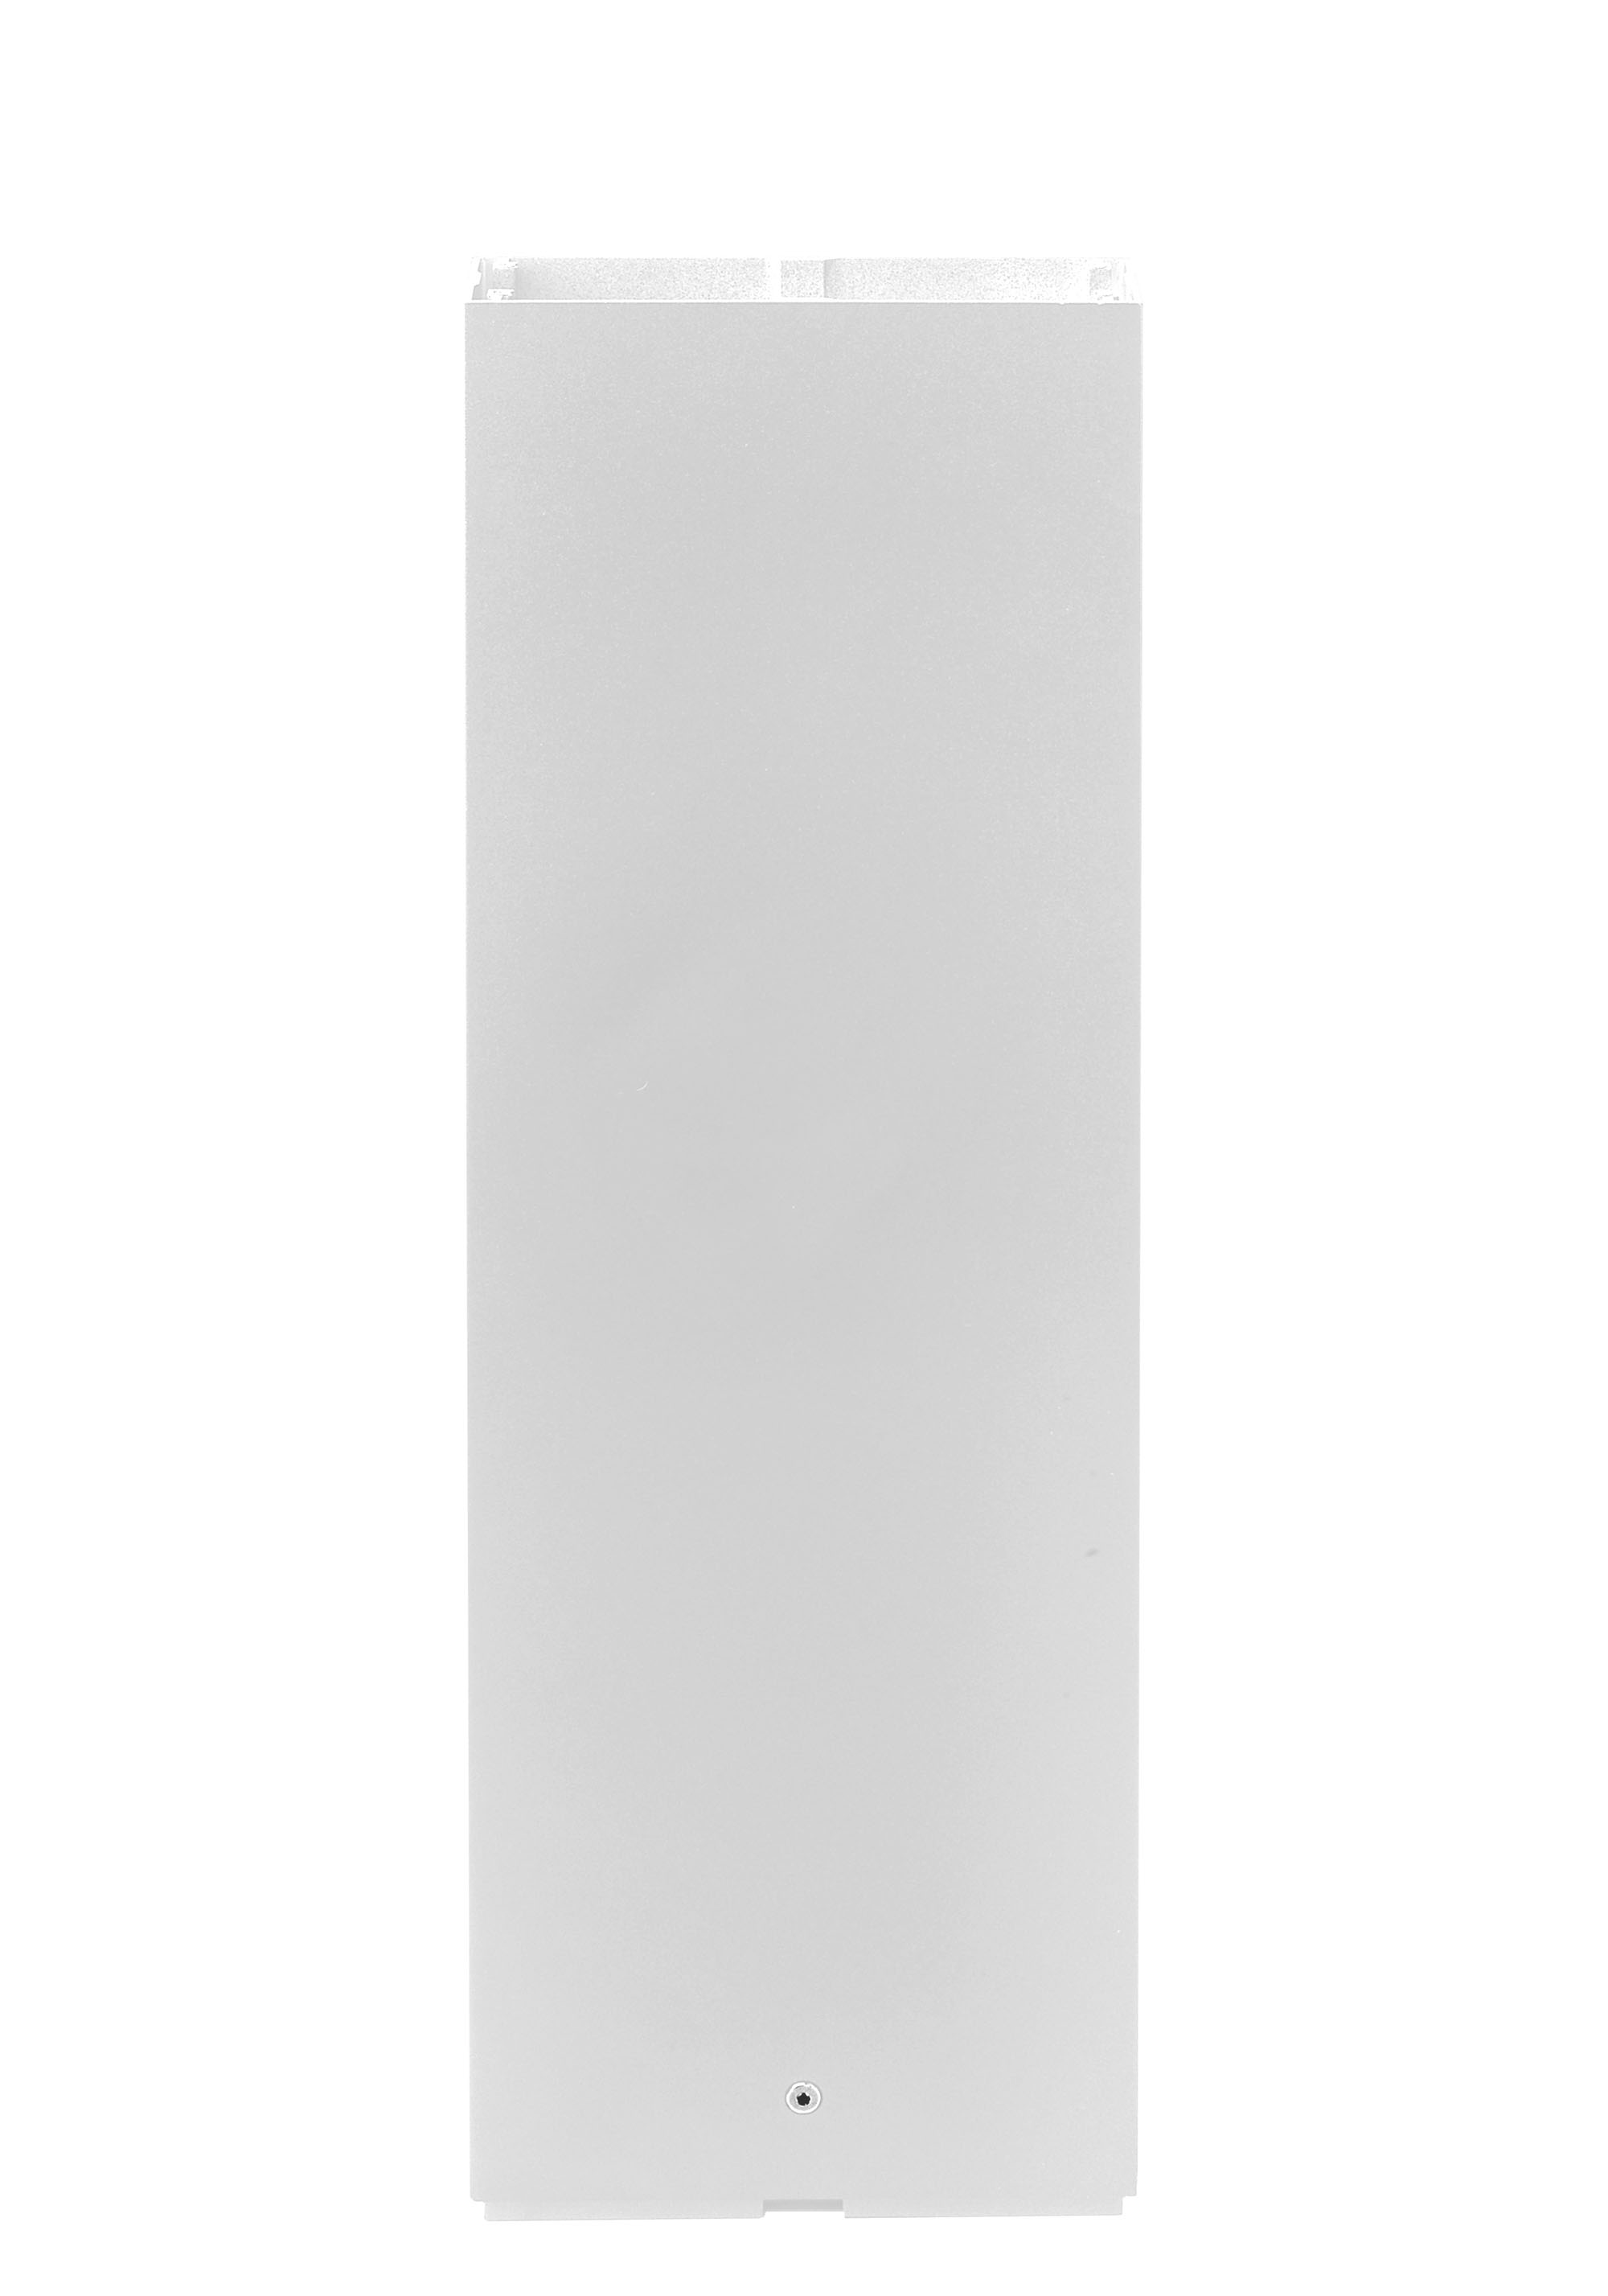 LED Pollerleuchte MGL0163 WPL Poller H47 Weiss